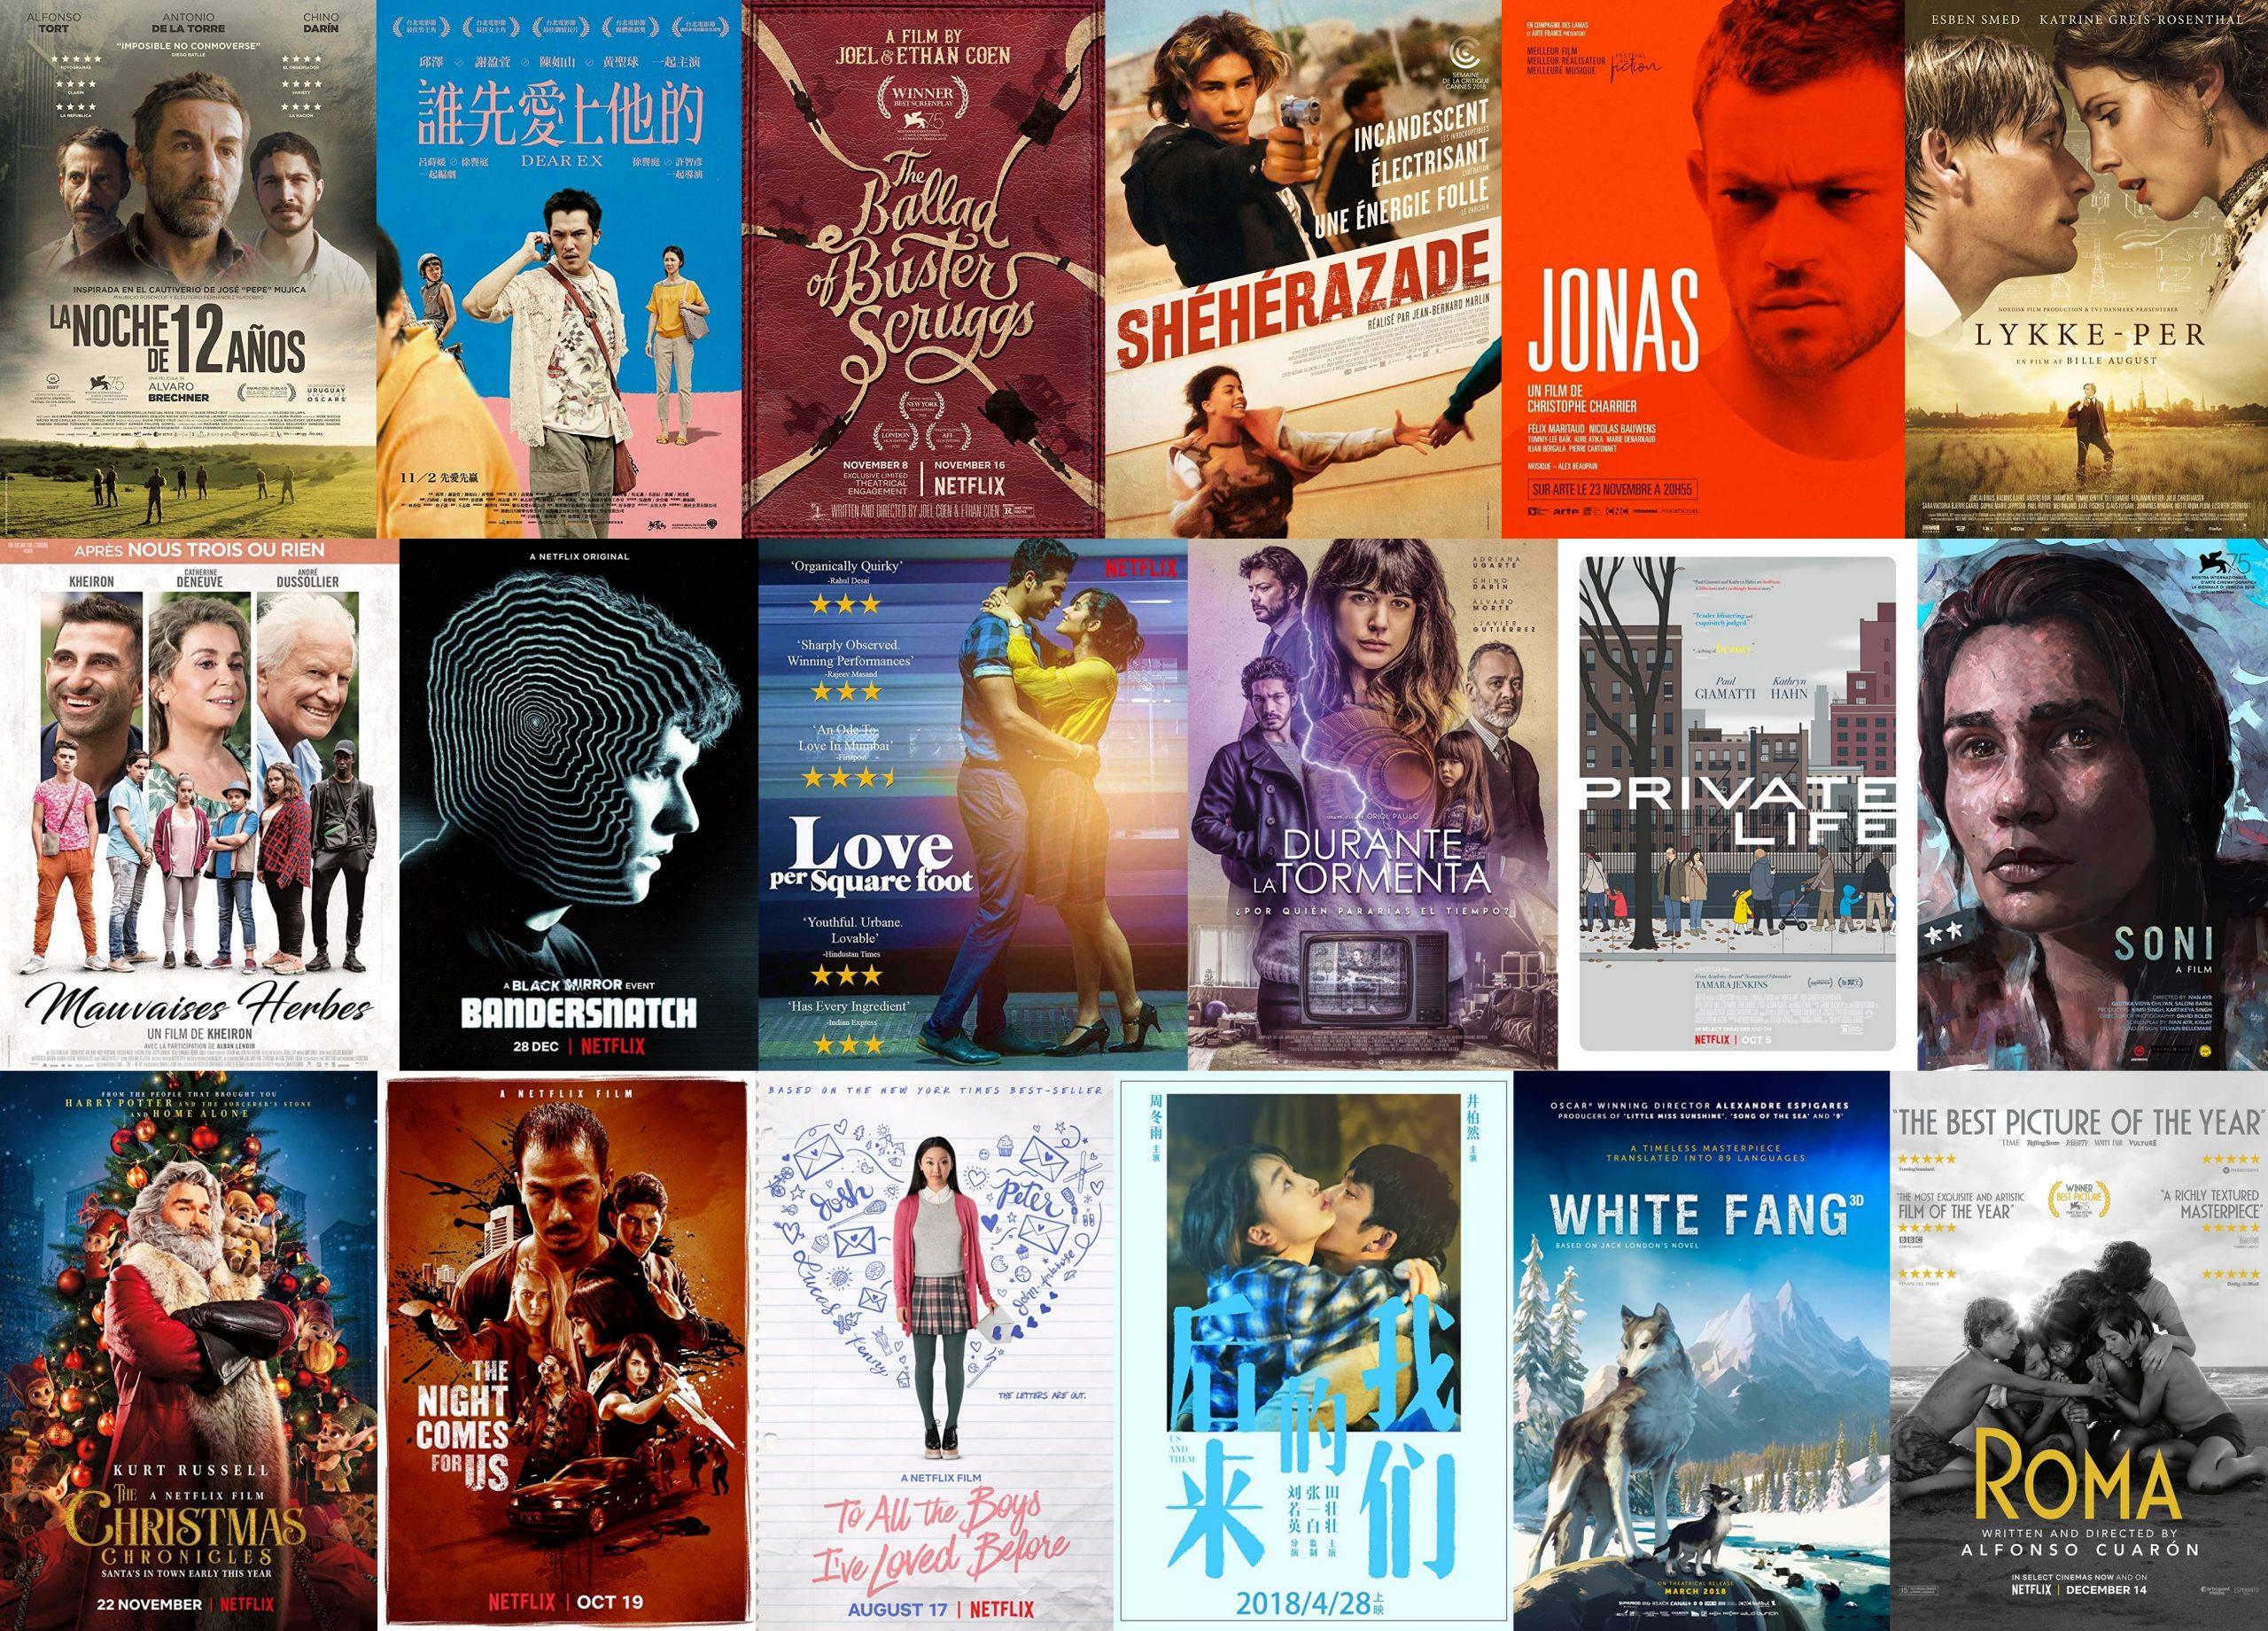 IMDbでの点数が7点以上のNetflixオリジナル映画(2018年の劇映画編)